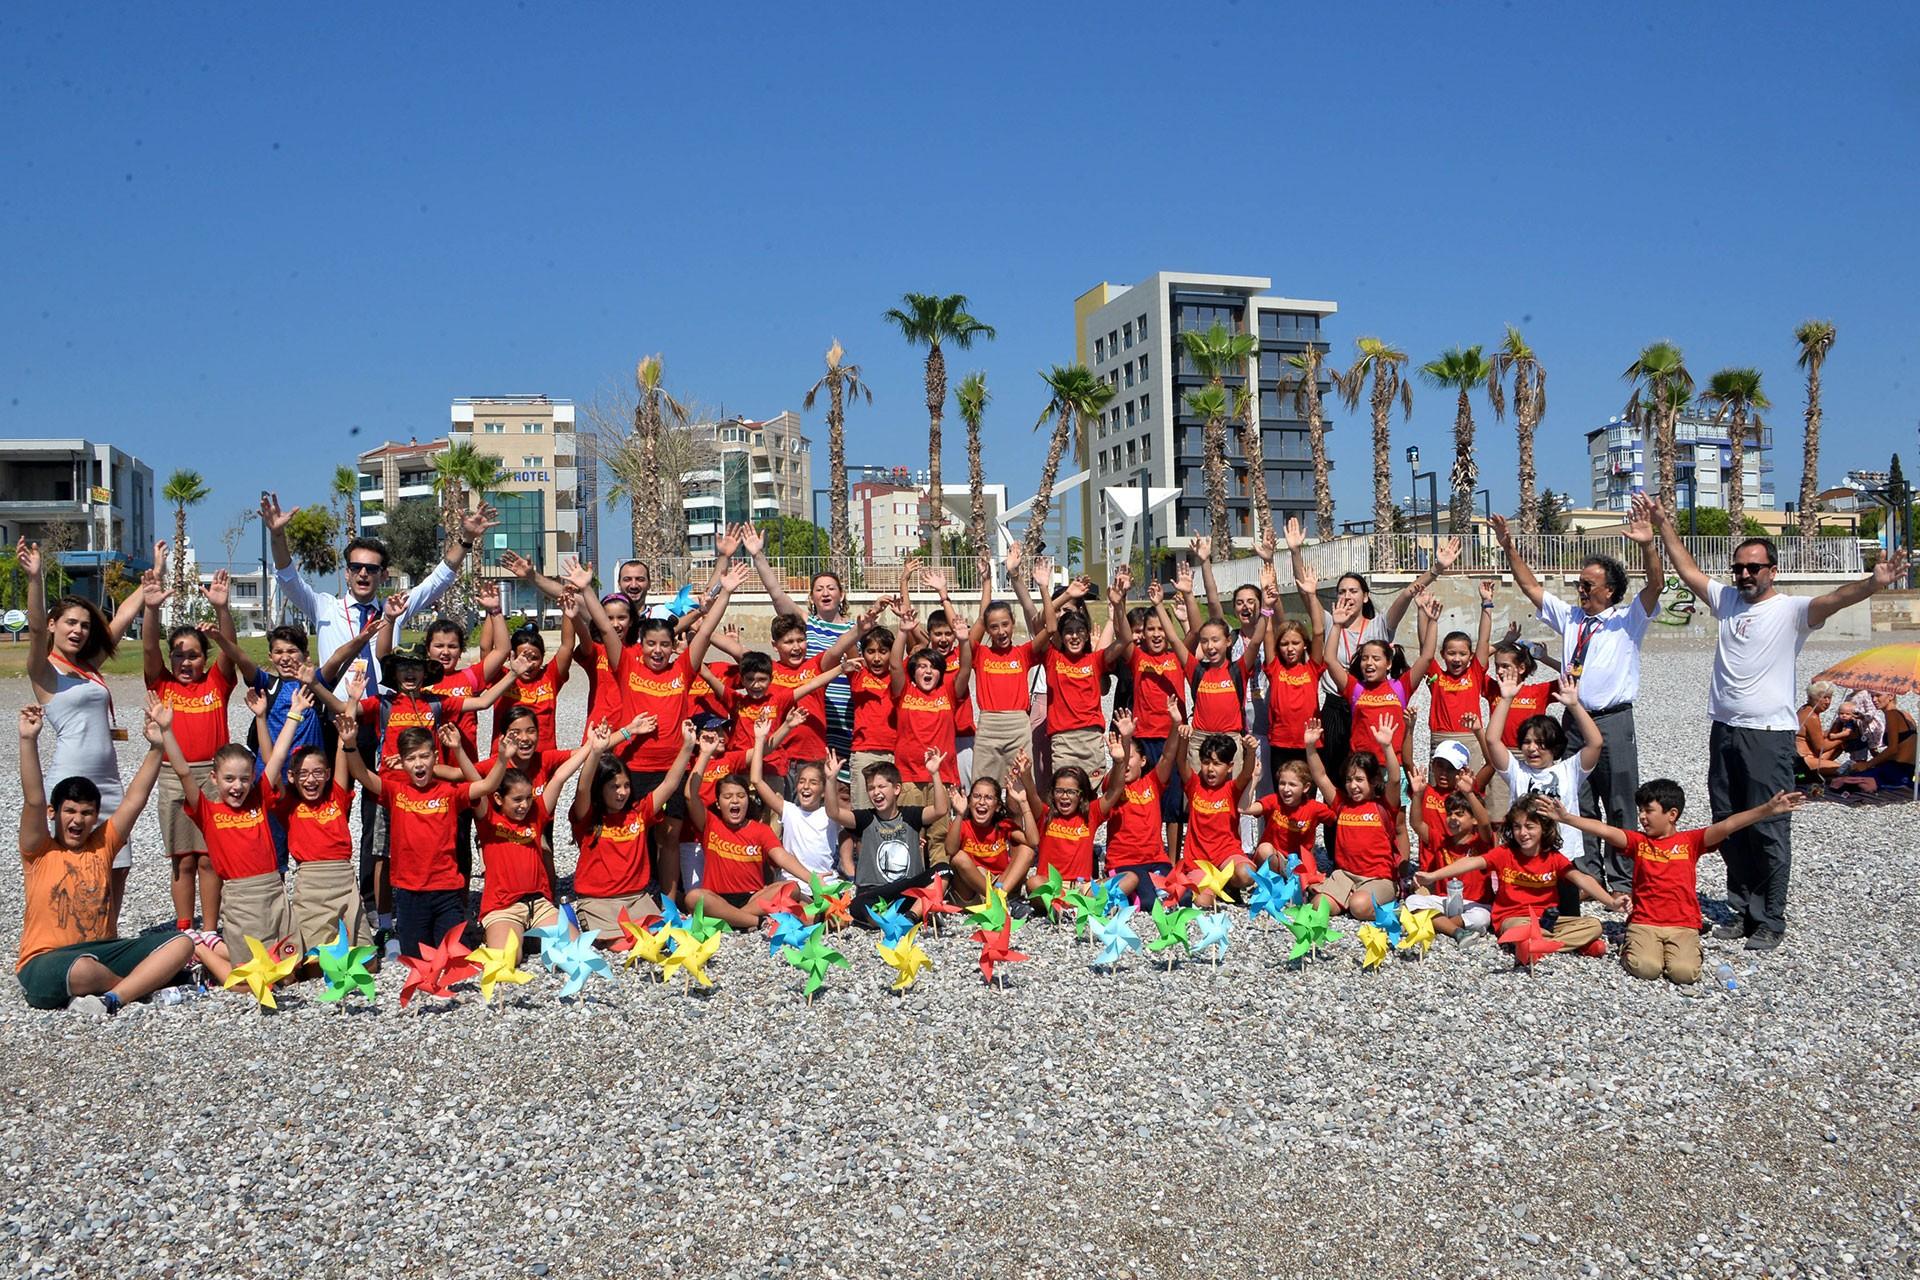 Antalya'da çocuklar sahile rüzgar gülü bıraktı